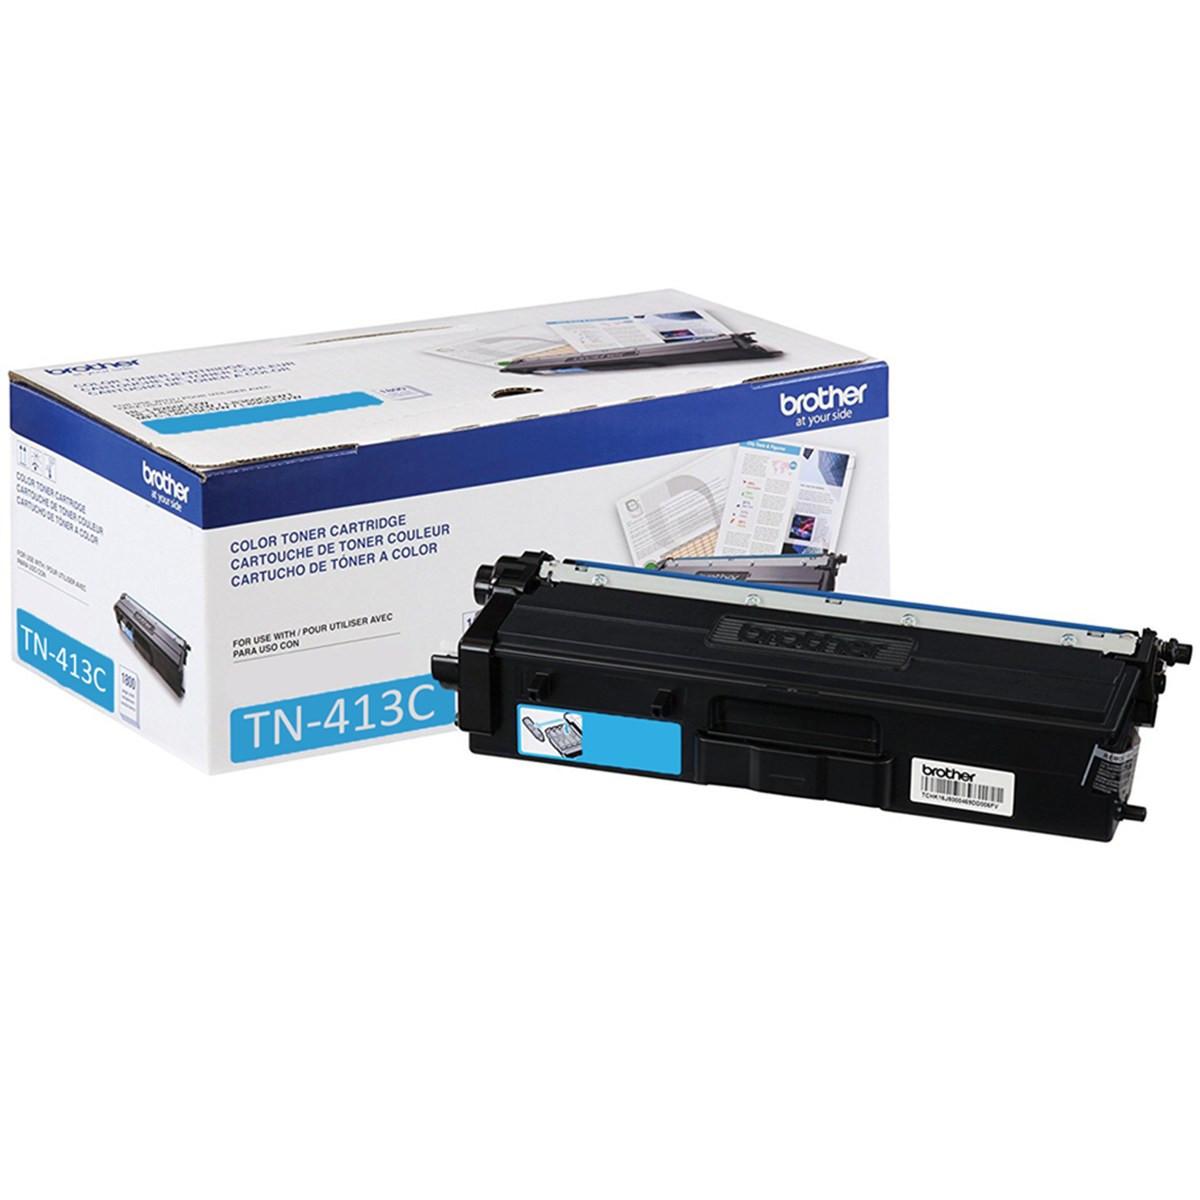 Toner Brother TN-413C Ciano | HL-L8360CDW MFC-L8610CDW MFC-L8900CDW MFC-L9570CDW | Original 4k